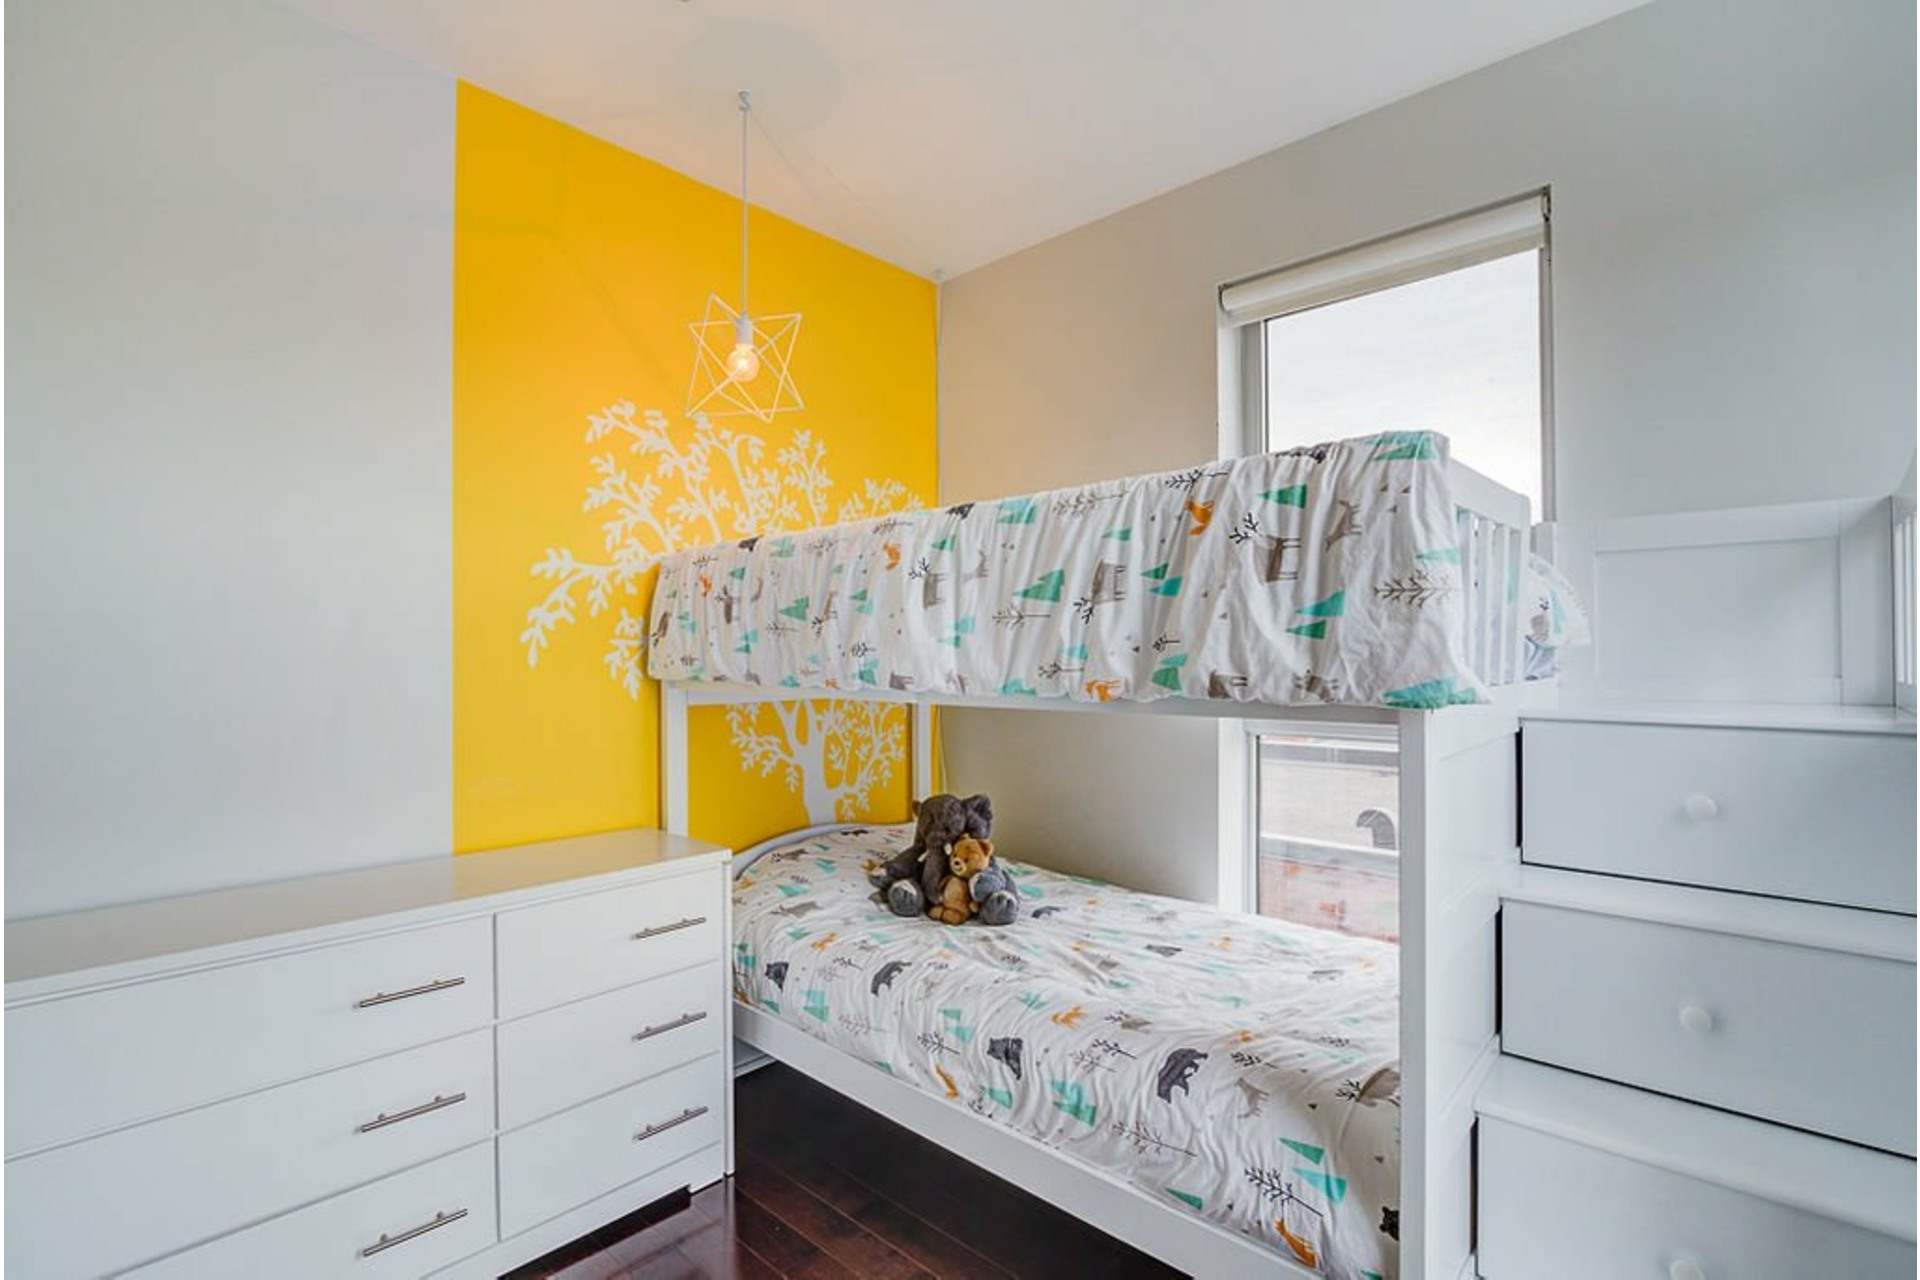 image 23 - Appartement À vendre Villeray/Saint-Michel/Parc-Extension Montréal  - 6 pièces